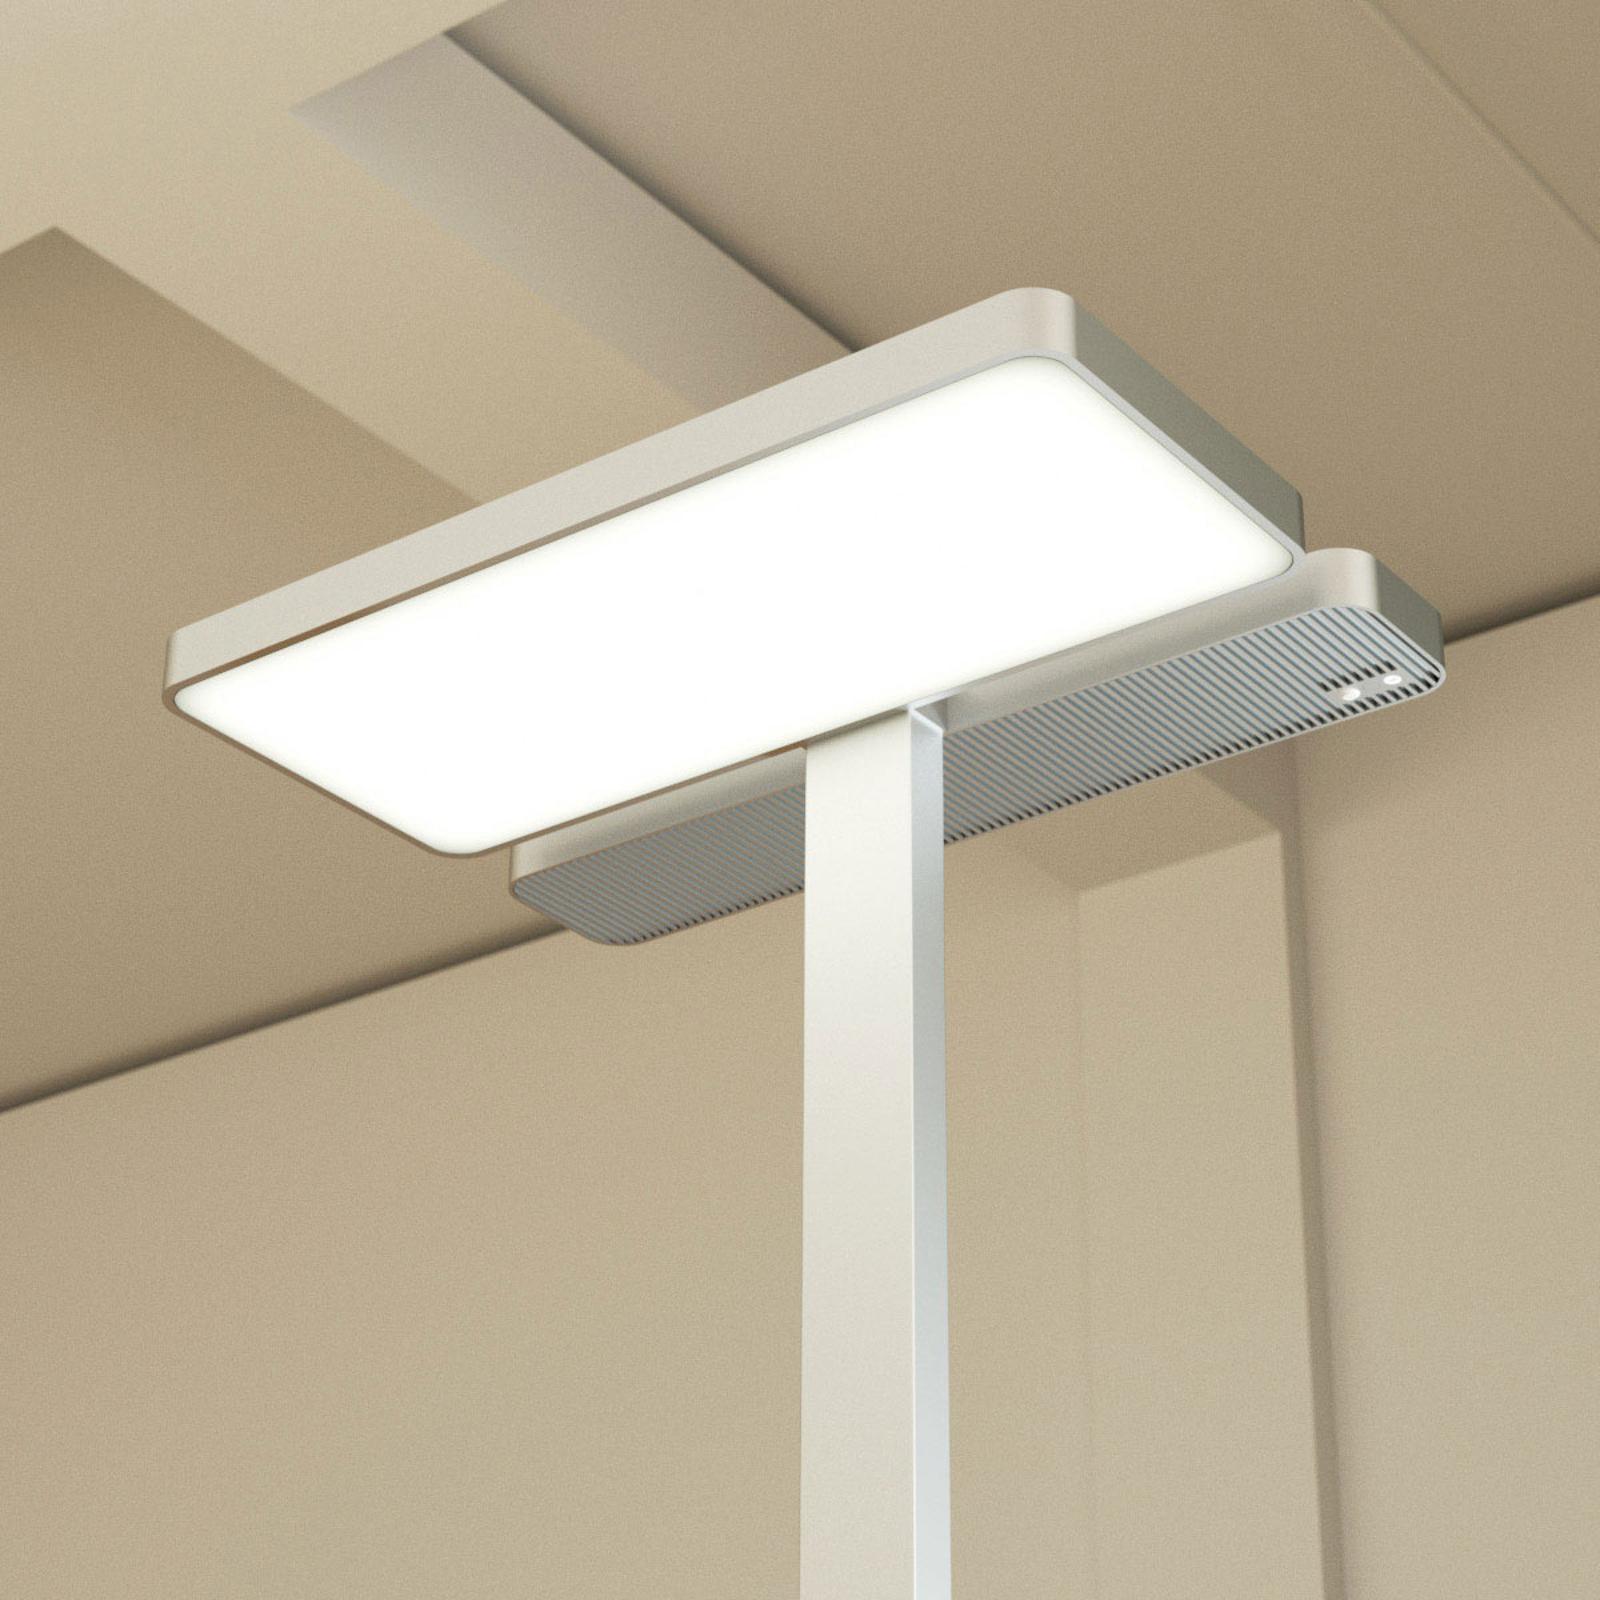 Lampa stojąca LED Aila, czujnik światła 4000K